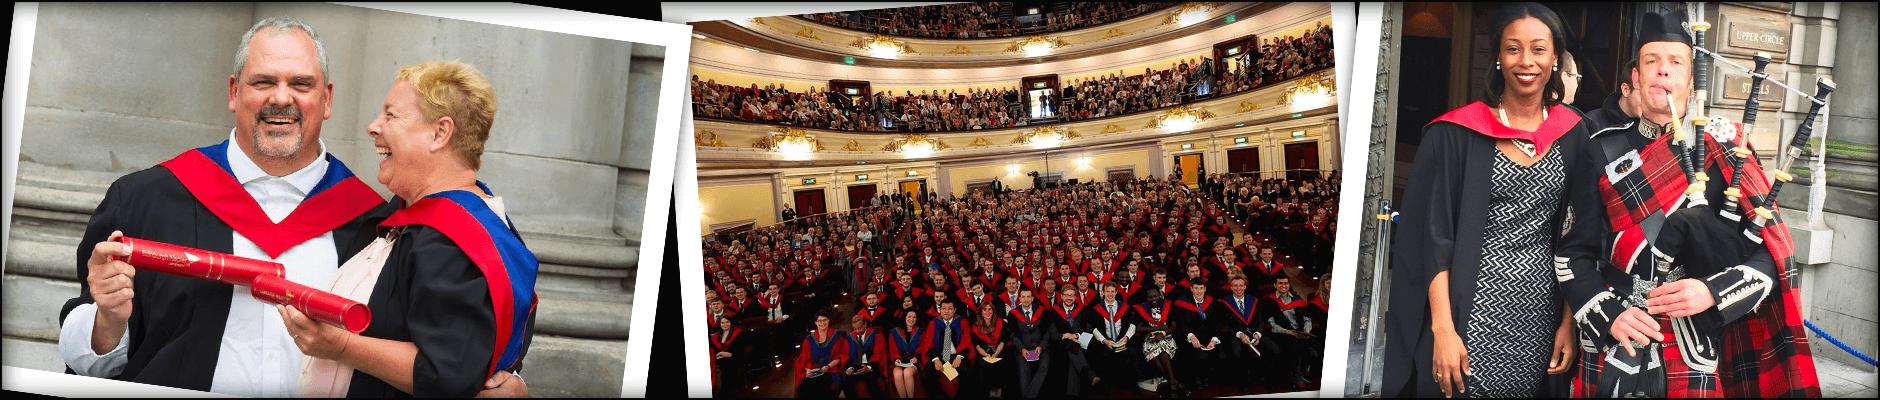 Happy graduates!